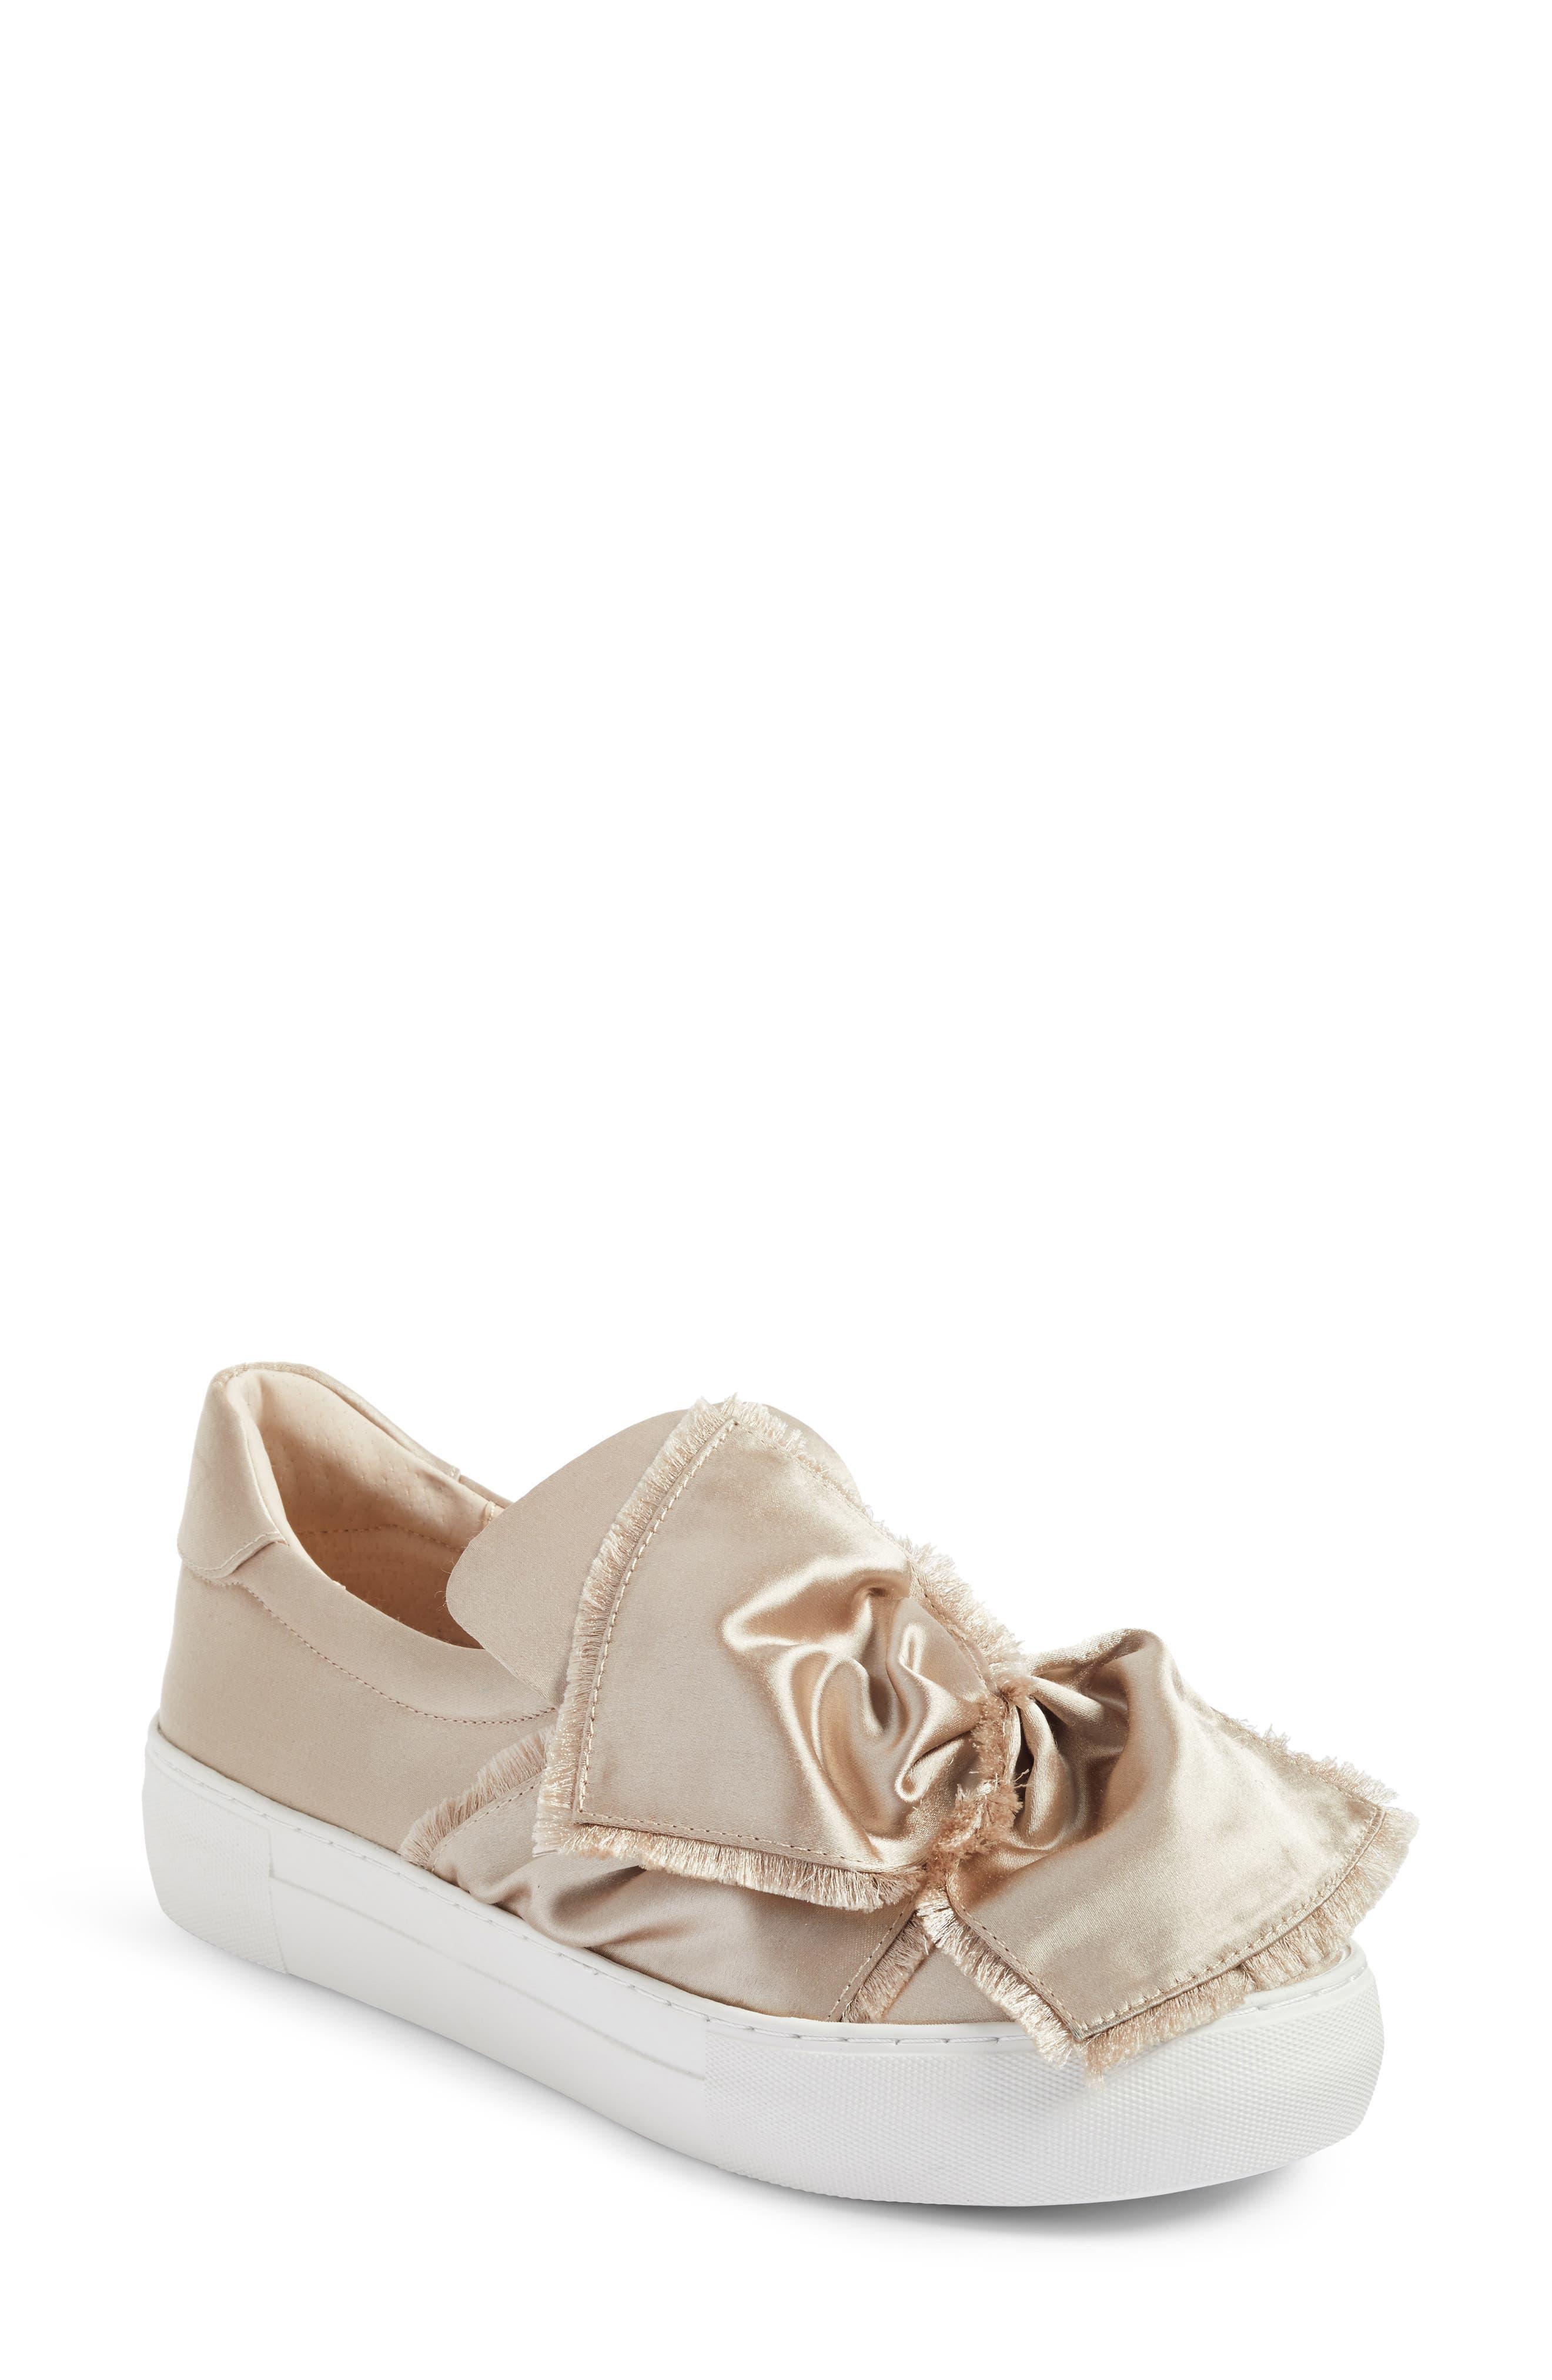 JSlides Azzura Bow Slip-On Sneaker